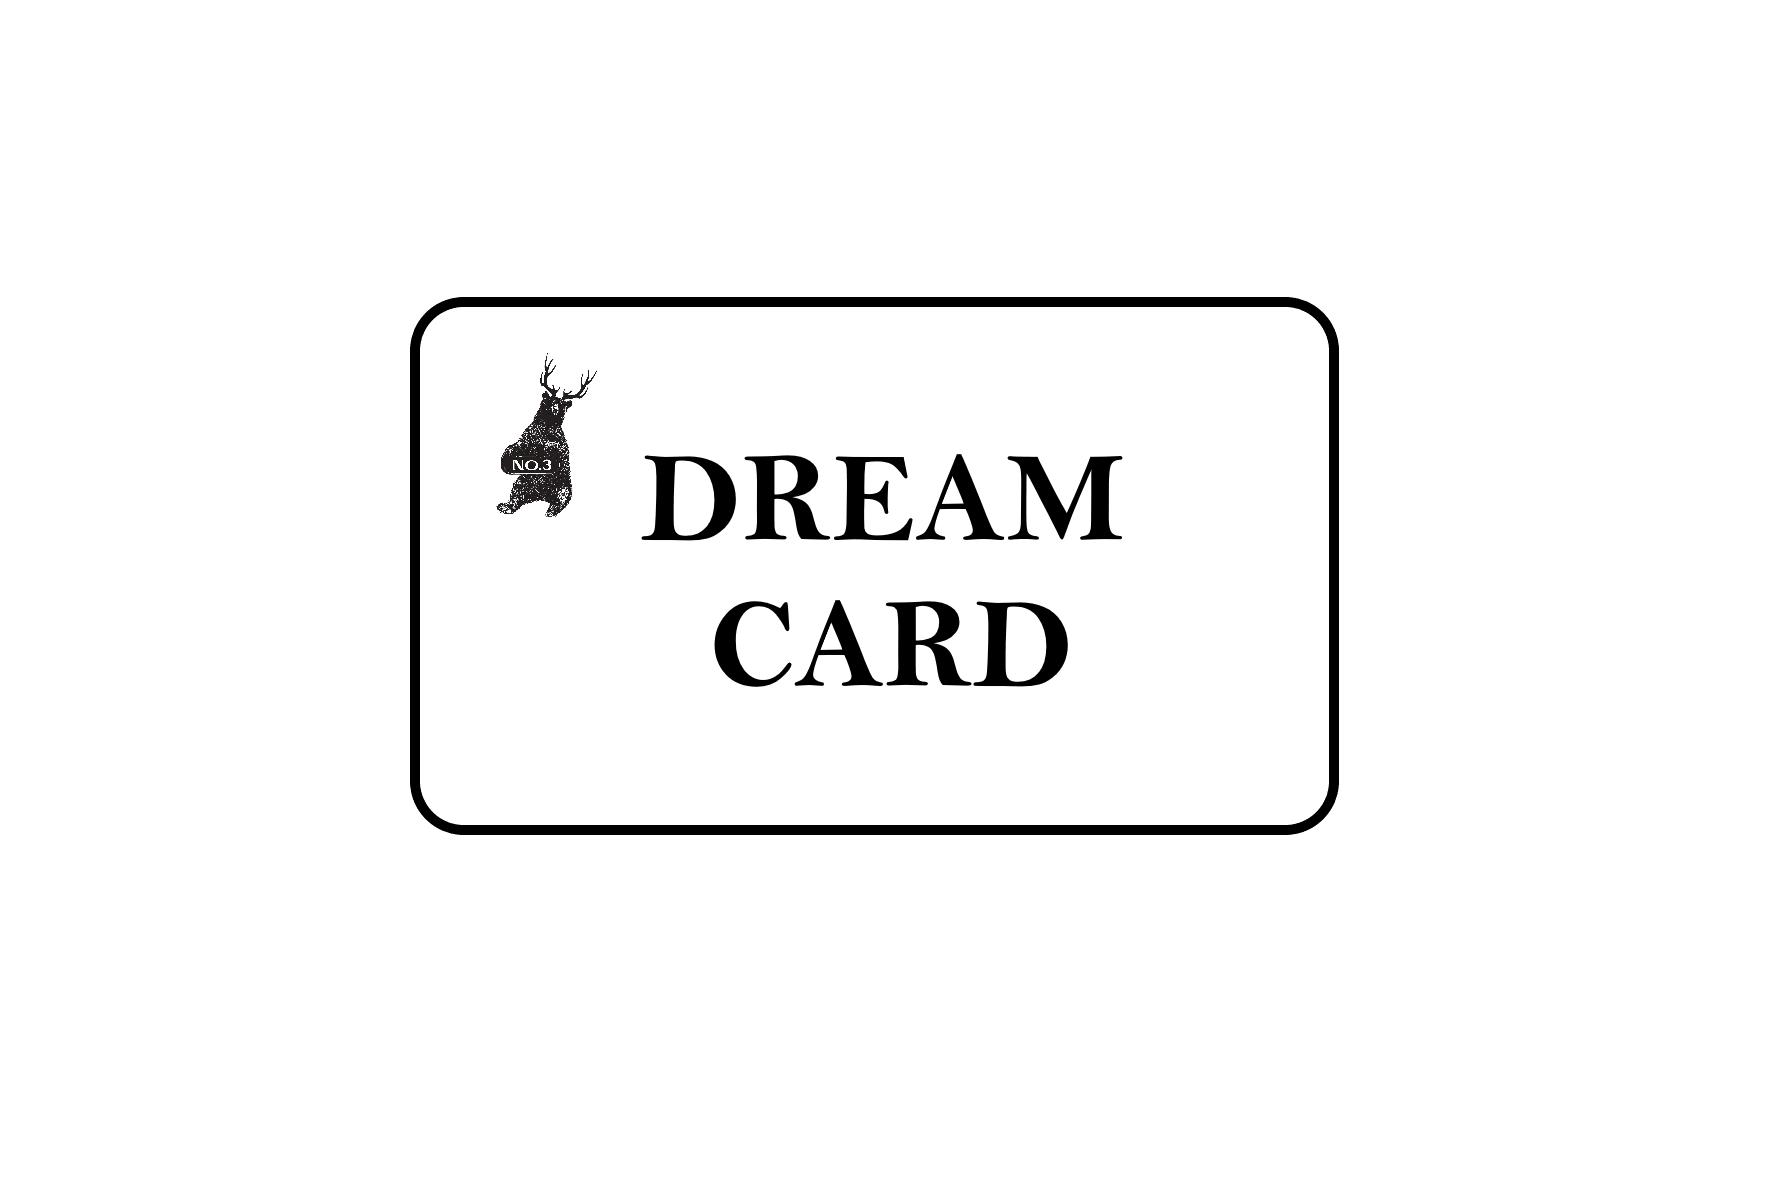 NO3 DREAM CARD